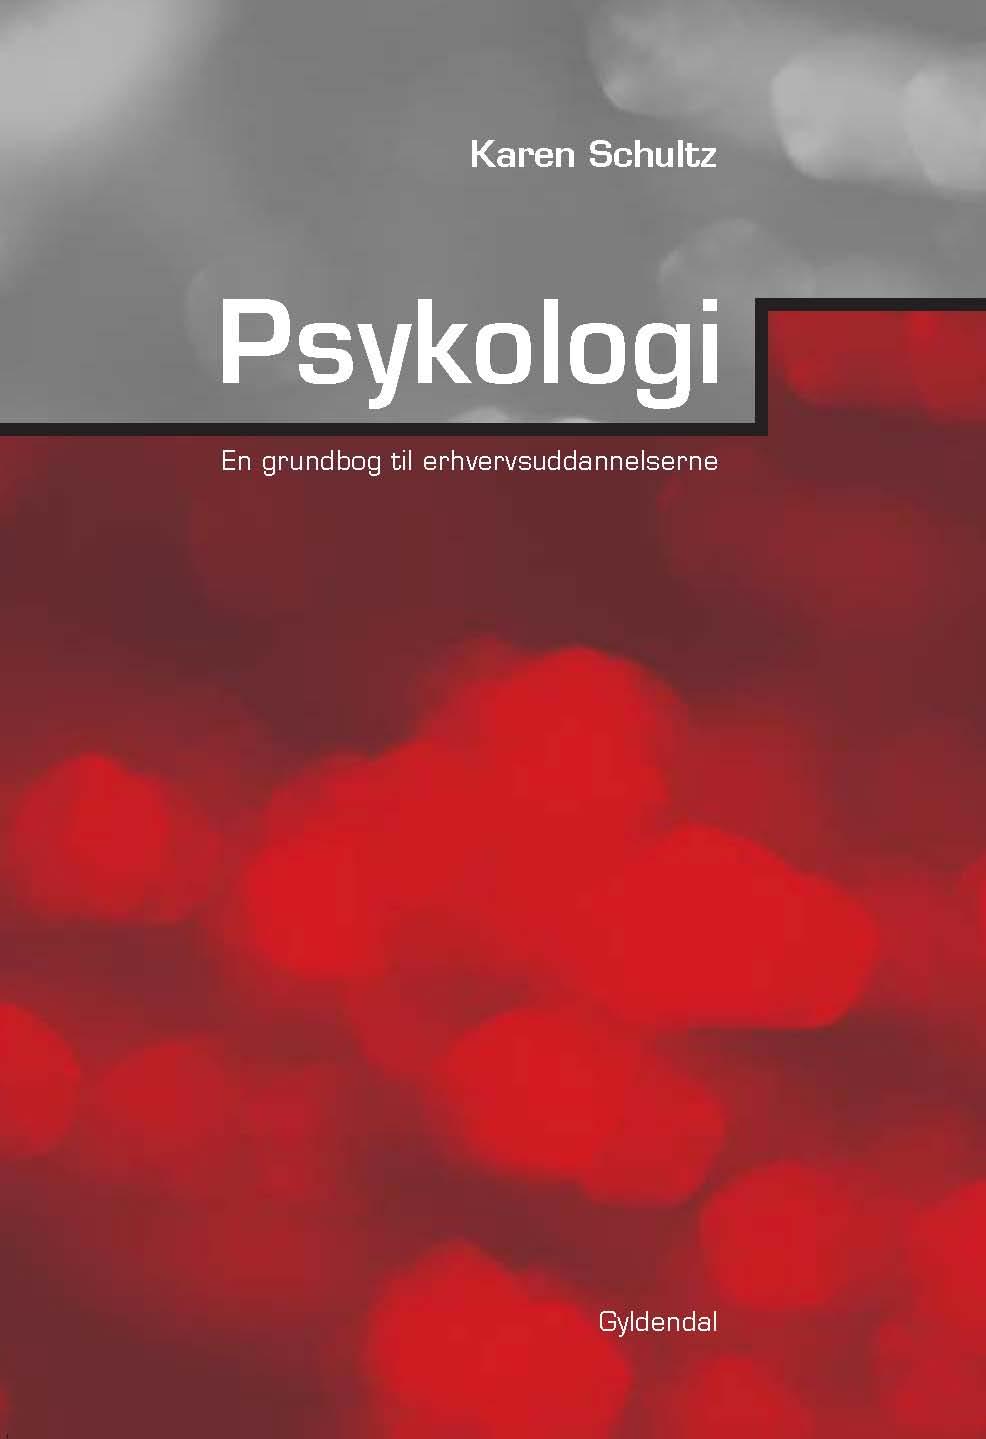 E-bog: Psykologi - En grundbog for erhvervsuddannelserne af Karen Schultz